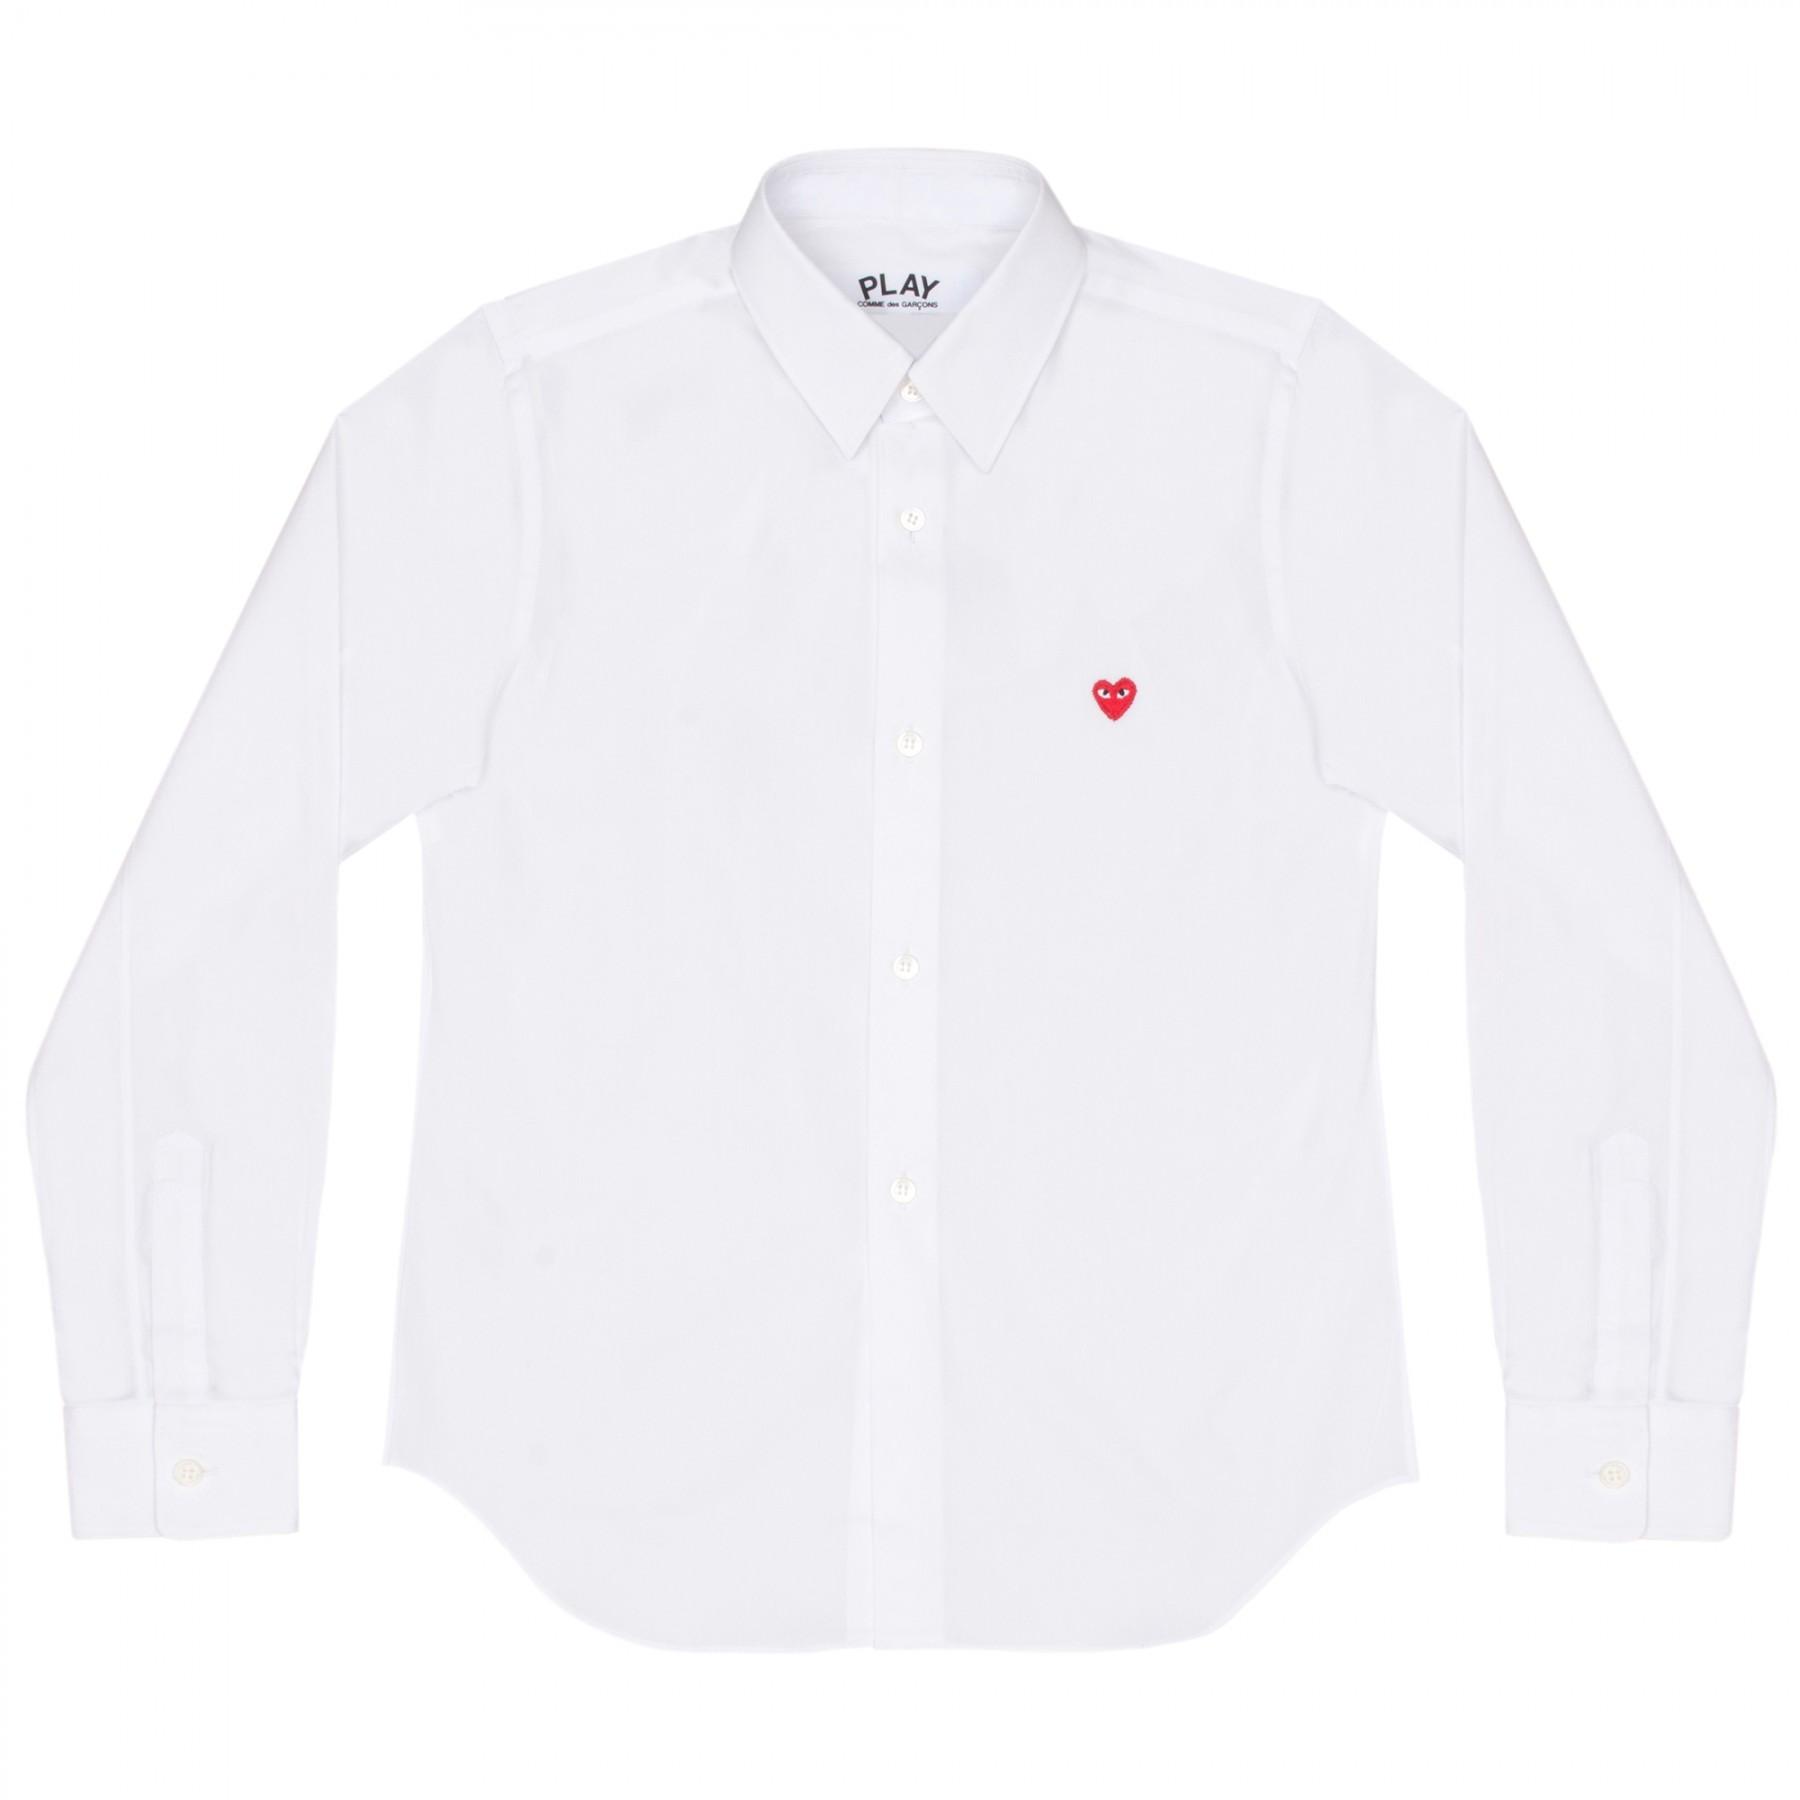 꼼데가르송 PLAY 와이셔츠 리틀 레드하트 (여성)